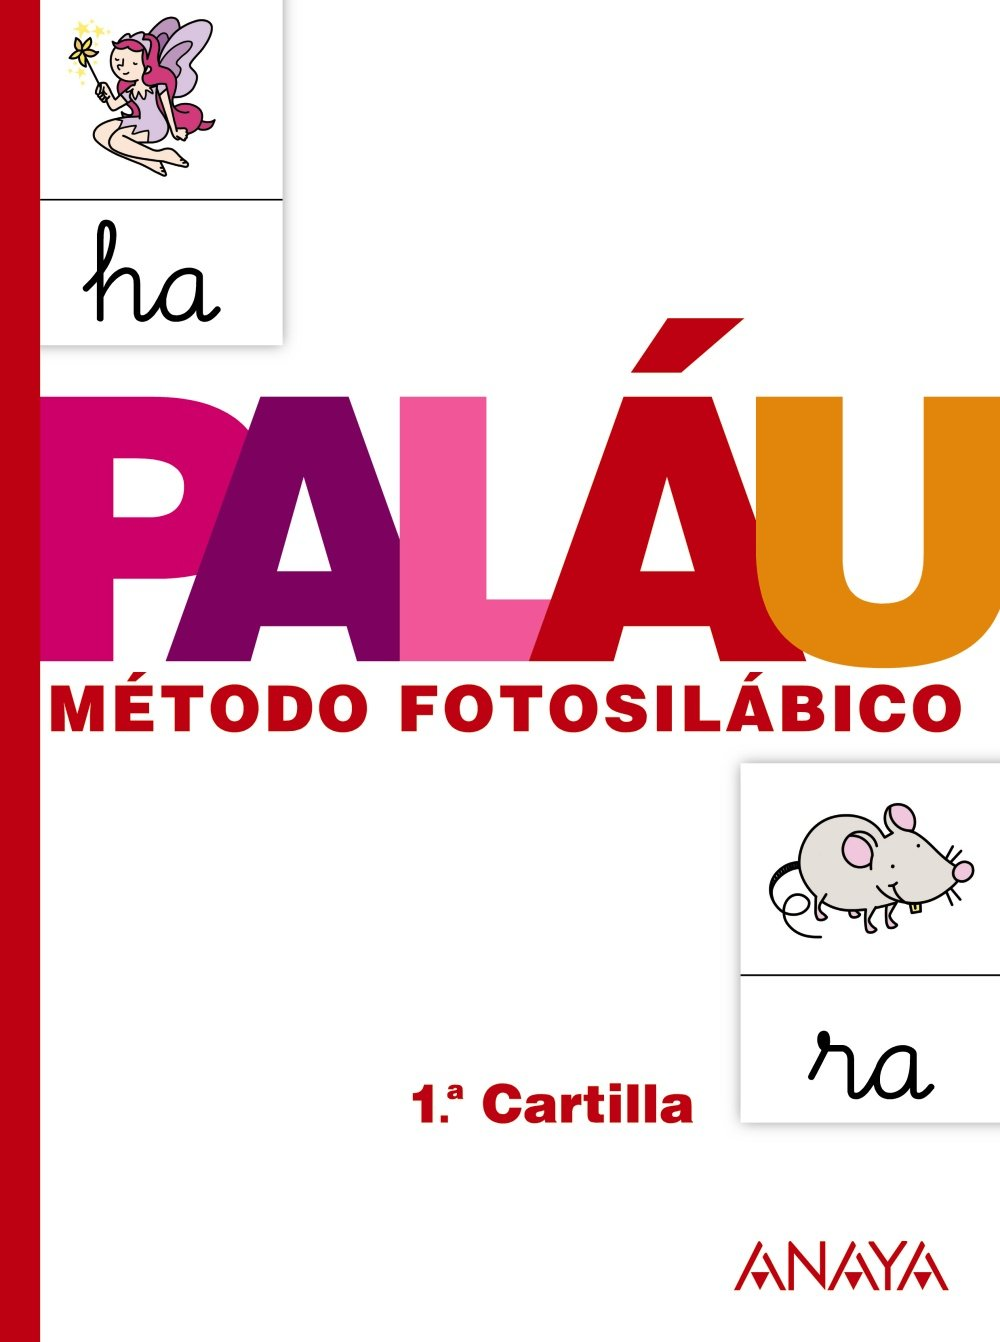 Método fotosilábico: 1.ª Cartilla. - 9788467832303 Tapa blanda – 18 abr 2013 Antonio Paláu Fernández Dolores Osoro Pantiga ANAYA EDUCACIÓN 8467832304